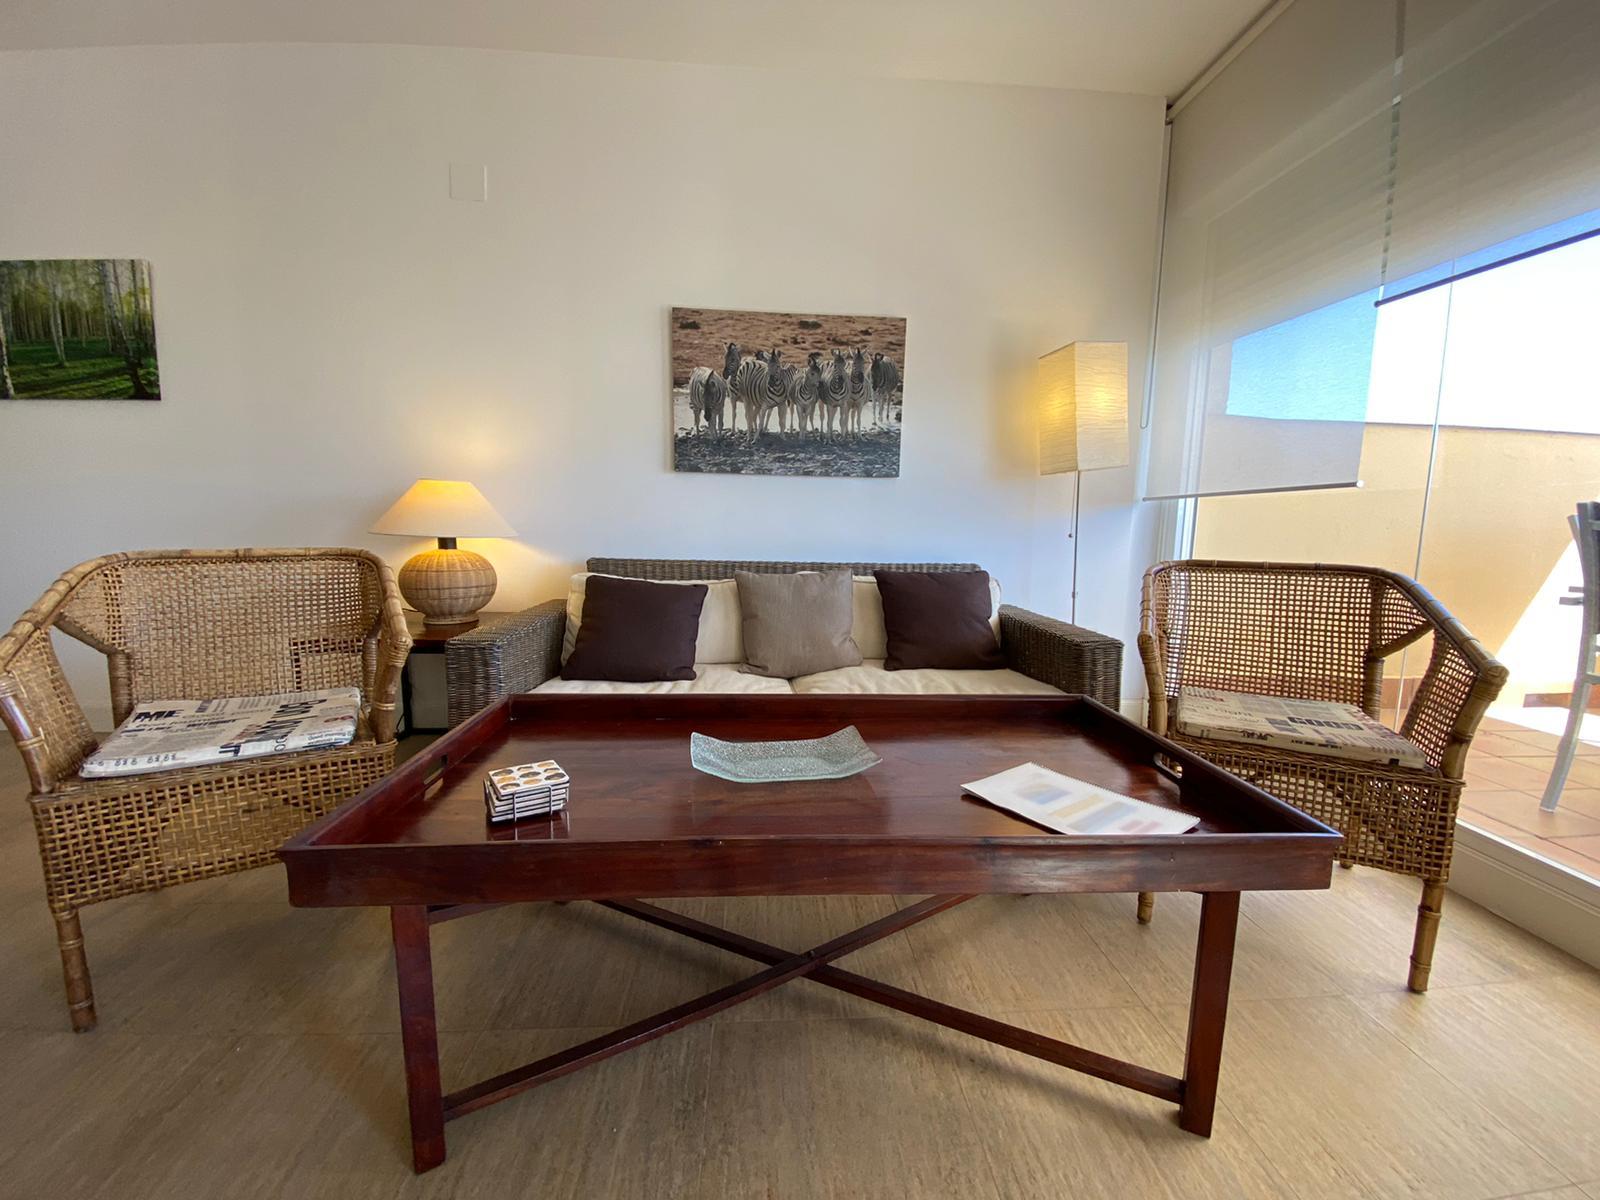 Imagen 6 del Apartamento Turístico, Ático 6 Poniente (3d+2b), Punta del Moral (HUELVA), Paseo de la Cruz nº22